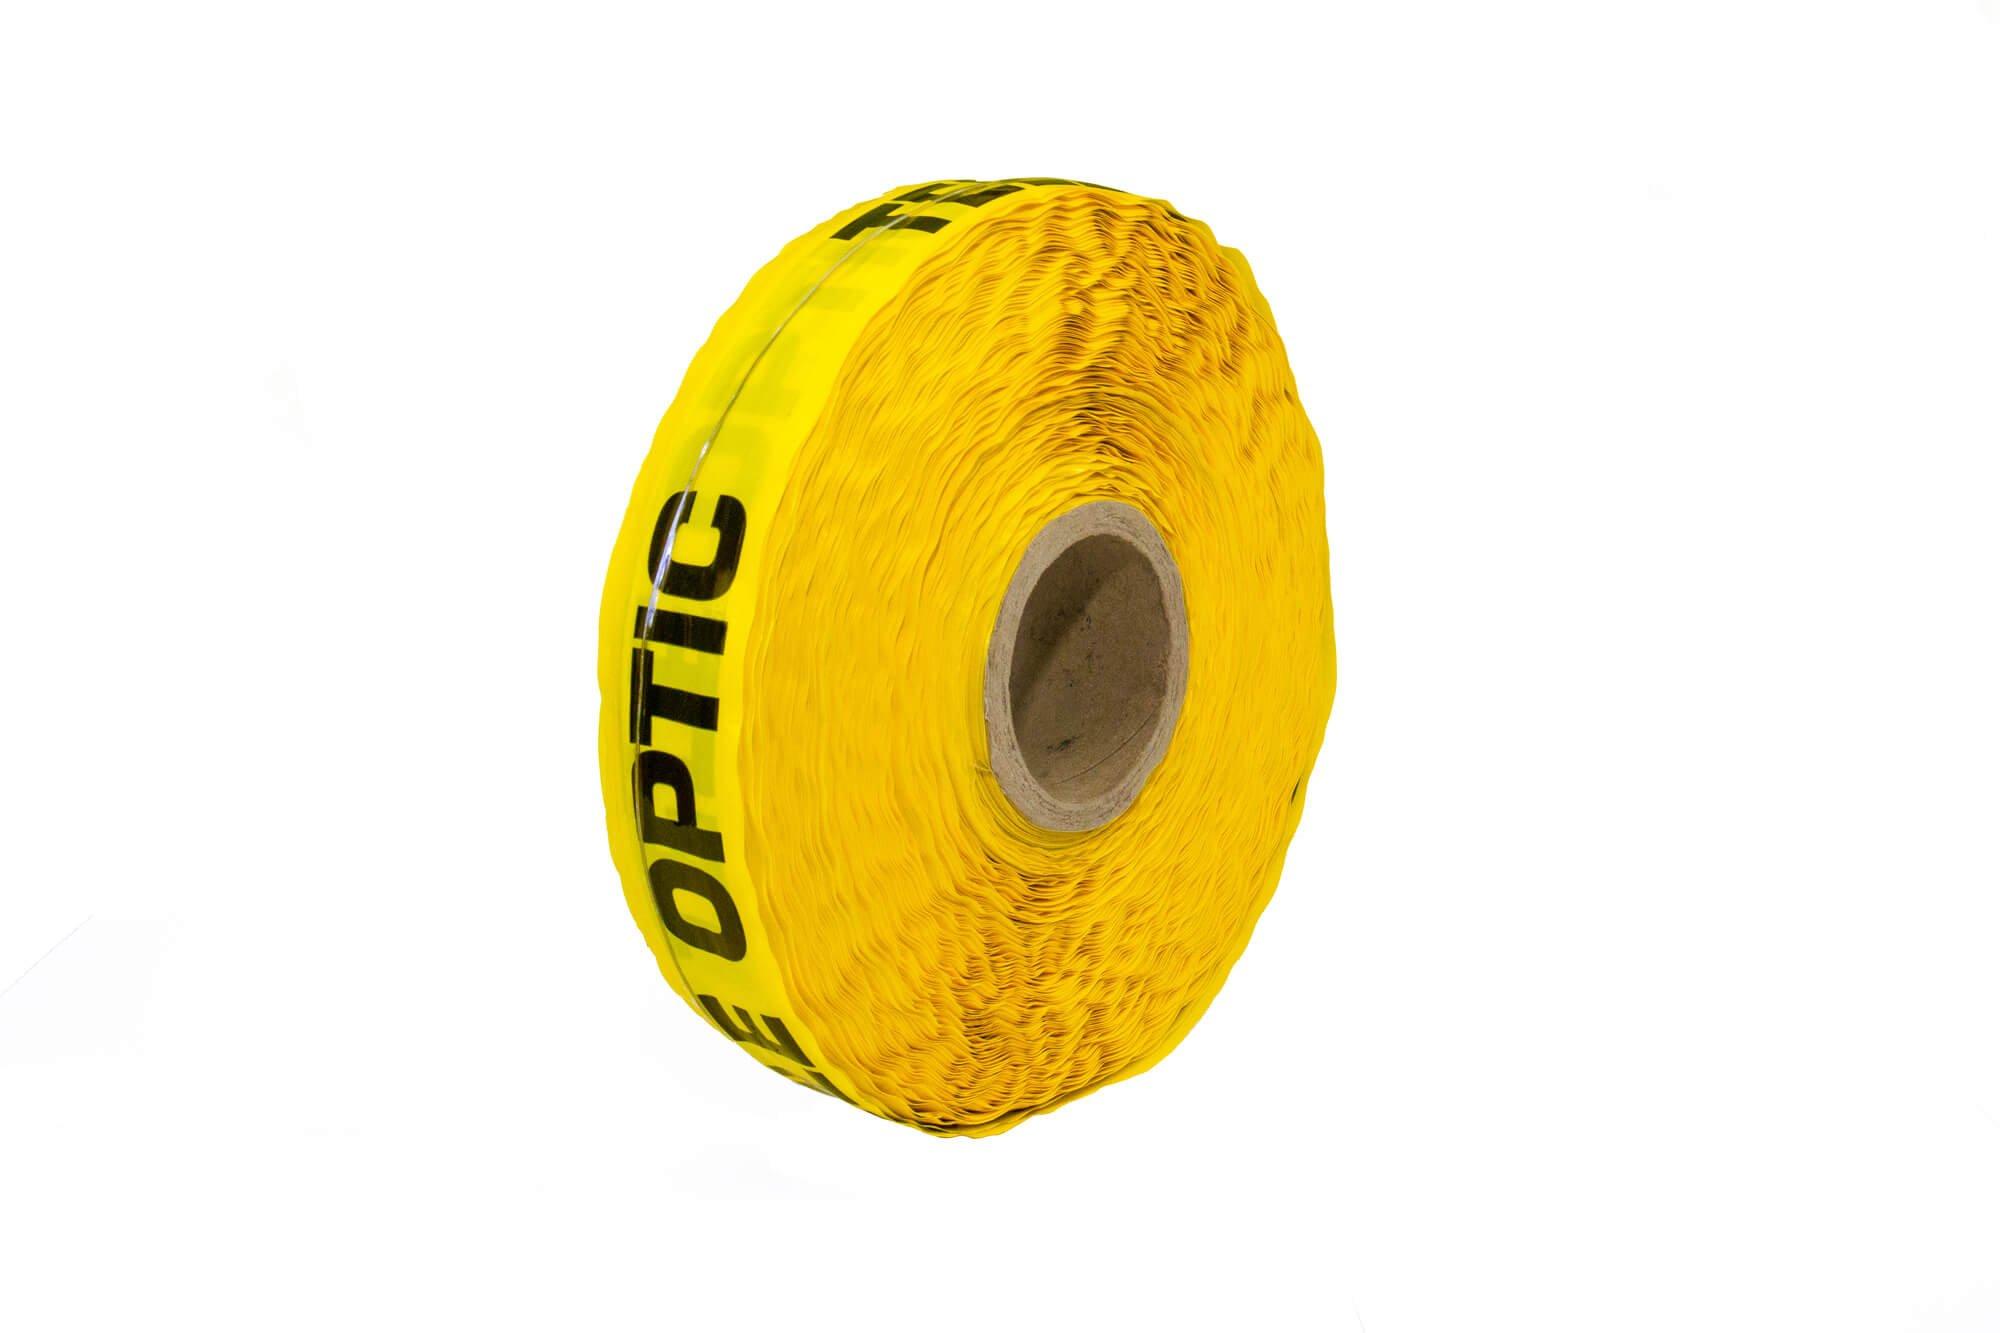 Locata ® Detectable Tape